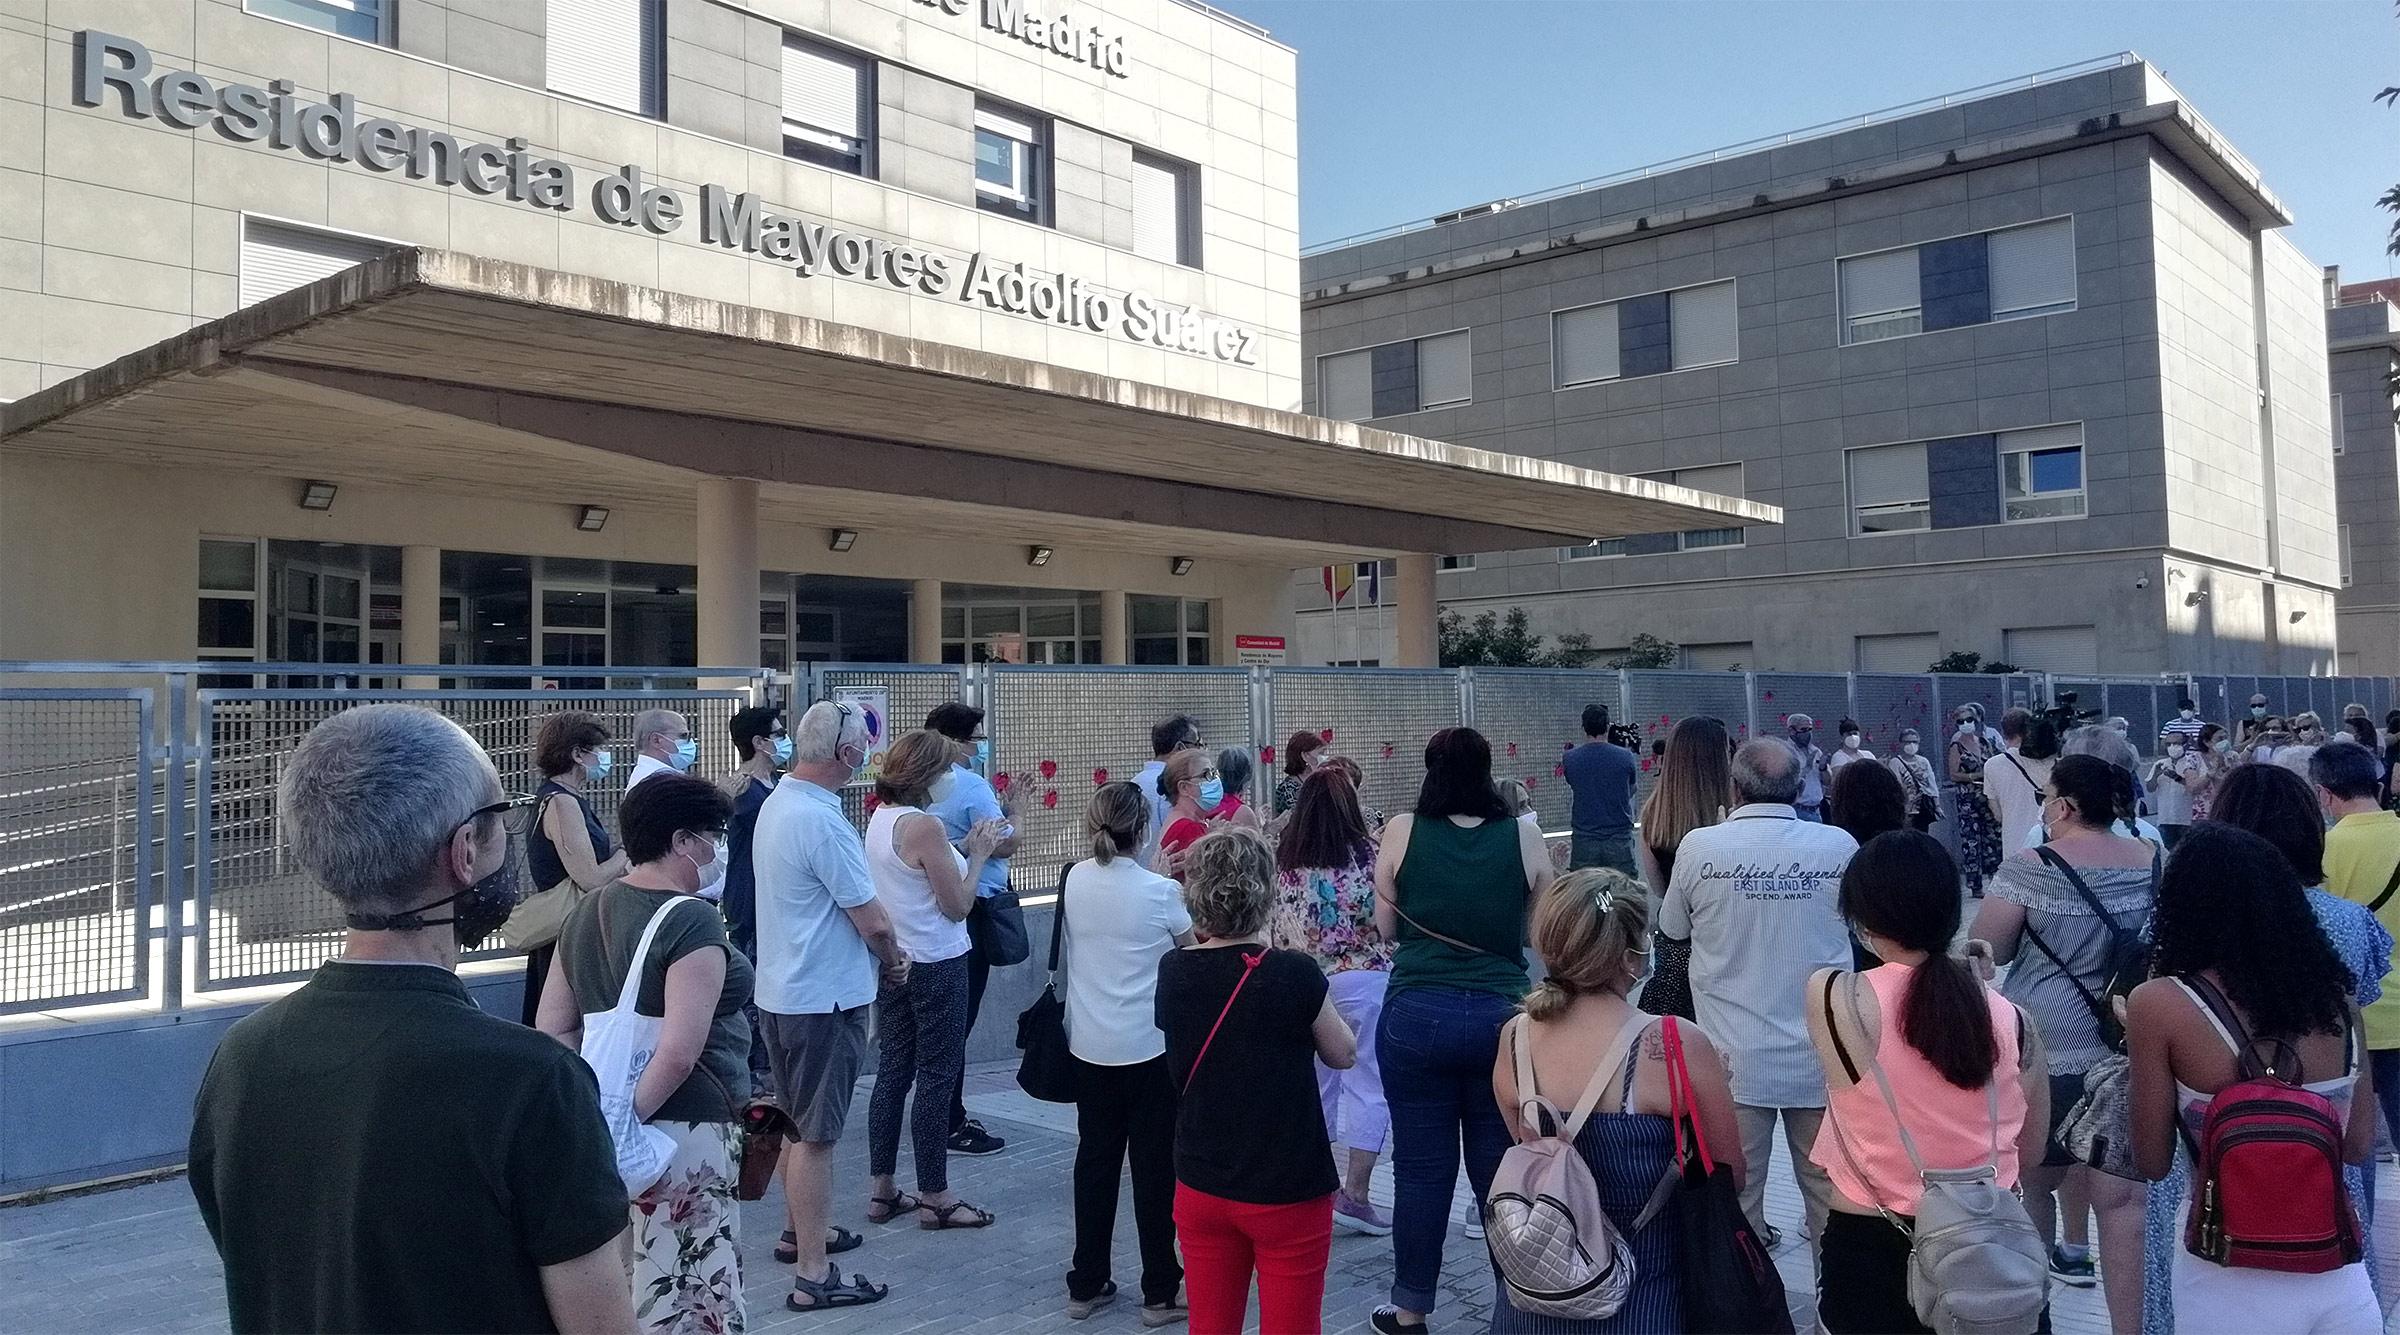 Entre los asistentes al homenaje se encontraban familiares de los fallecidos y allegados de residentes que siguen en la Adolfo Suárez